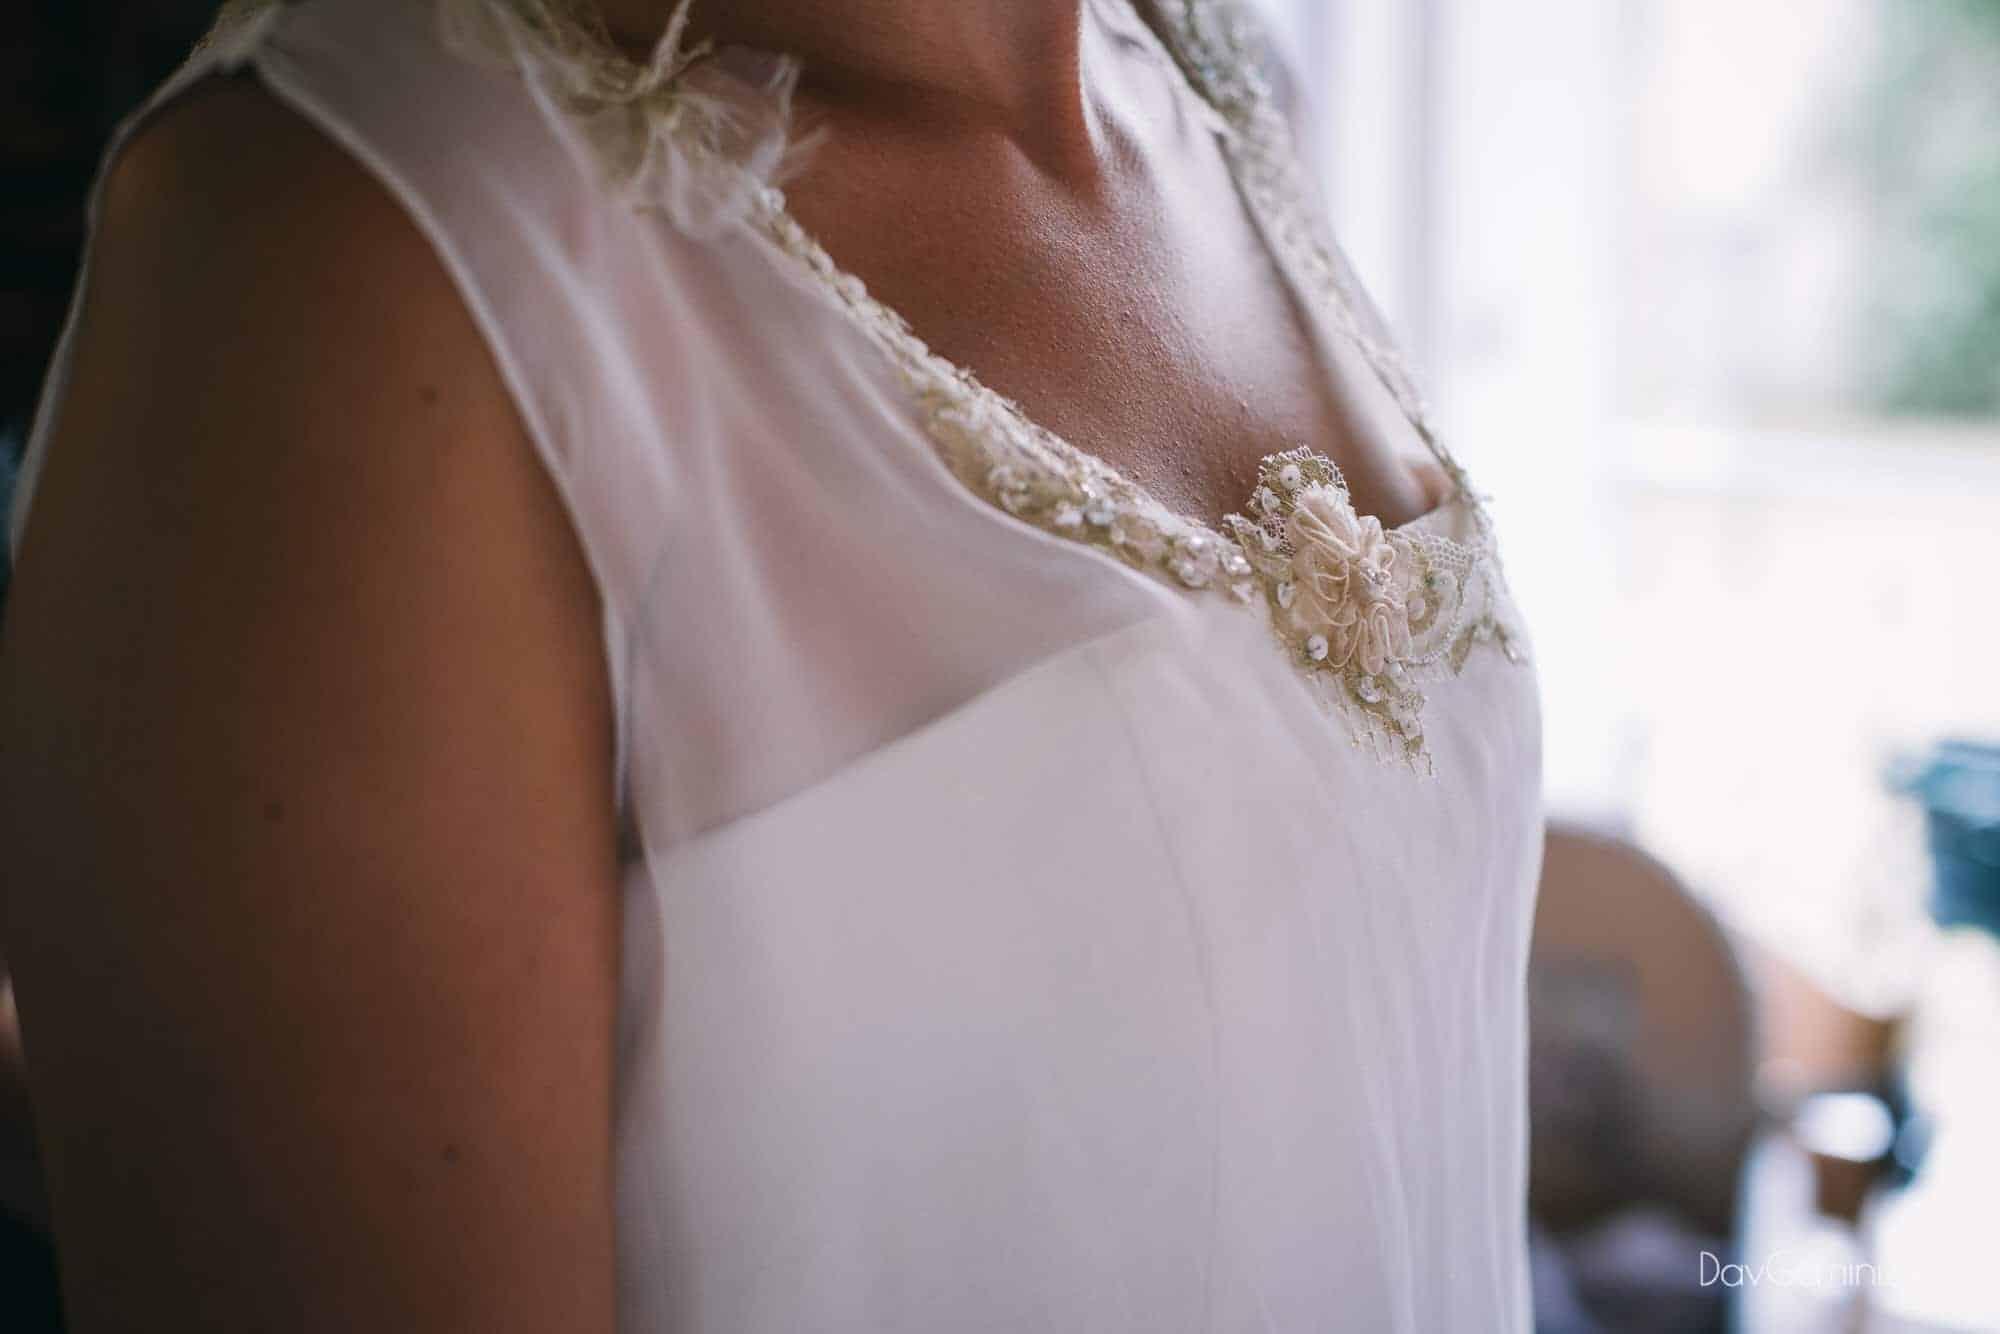 reportage de mariage Enghien-les-Bains, photographe mariage 95 val d'oise